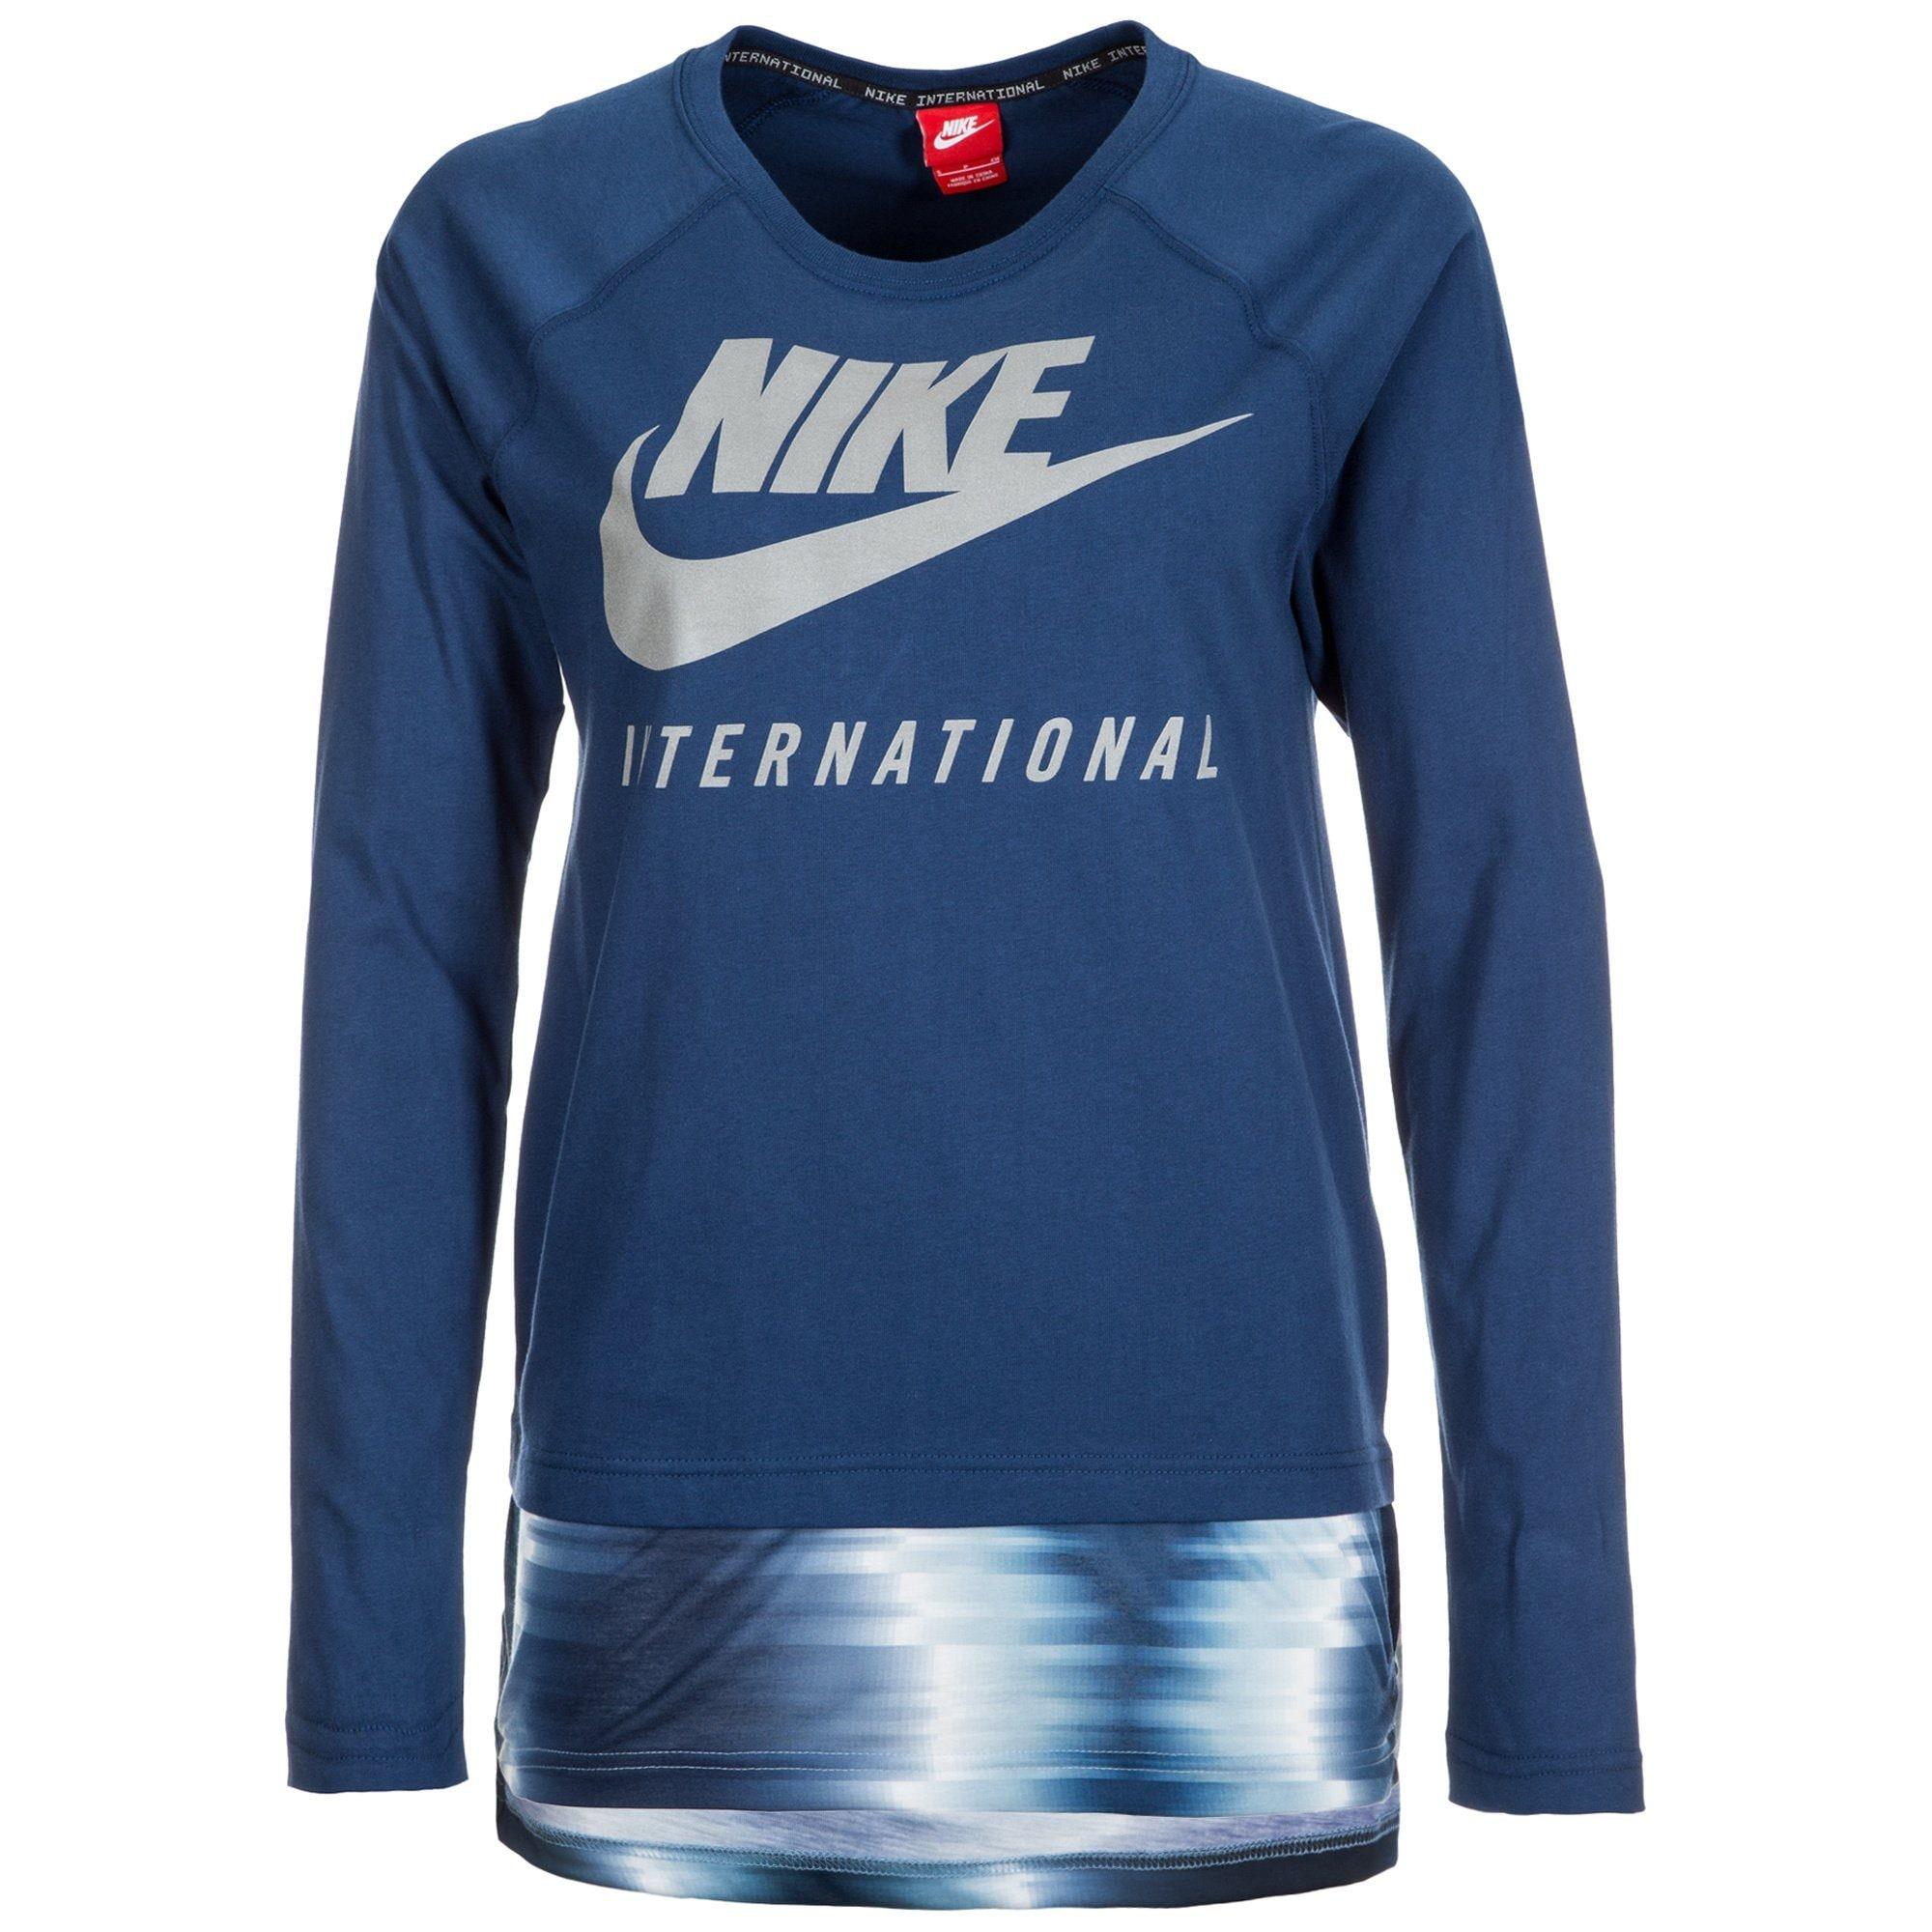 Nike Sportswear Internationalist Longsleeve Damen Online Shop